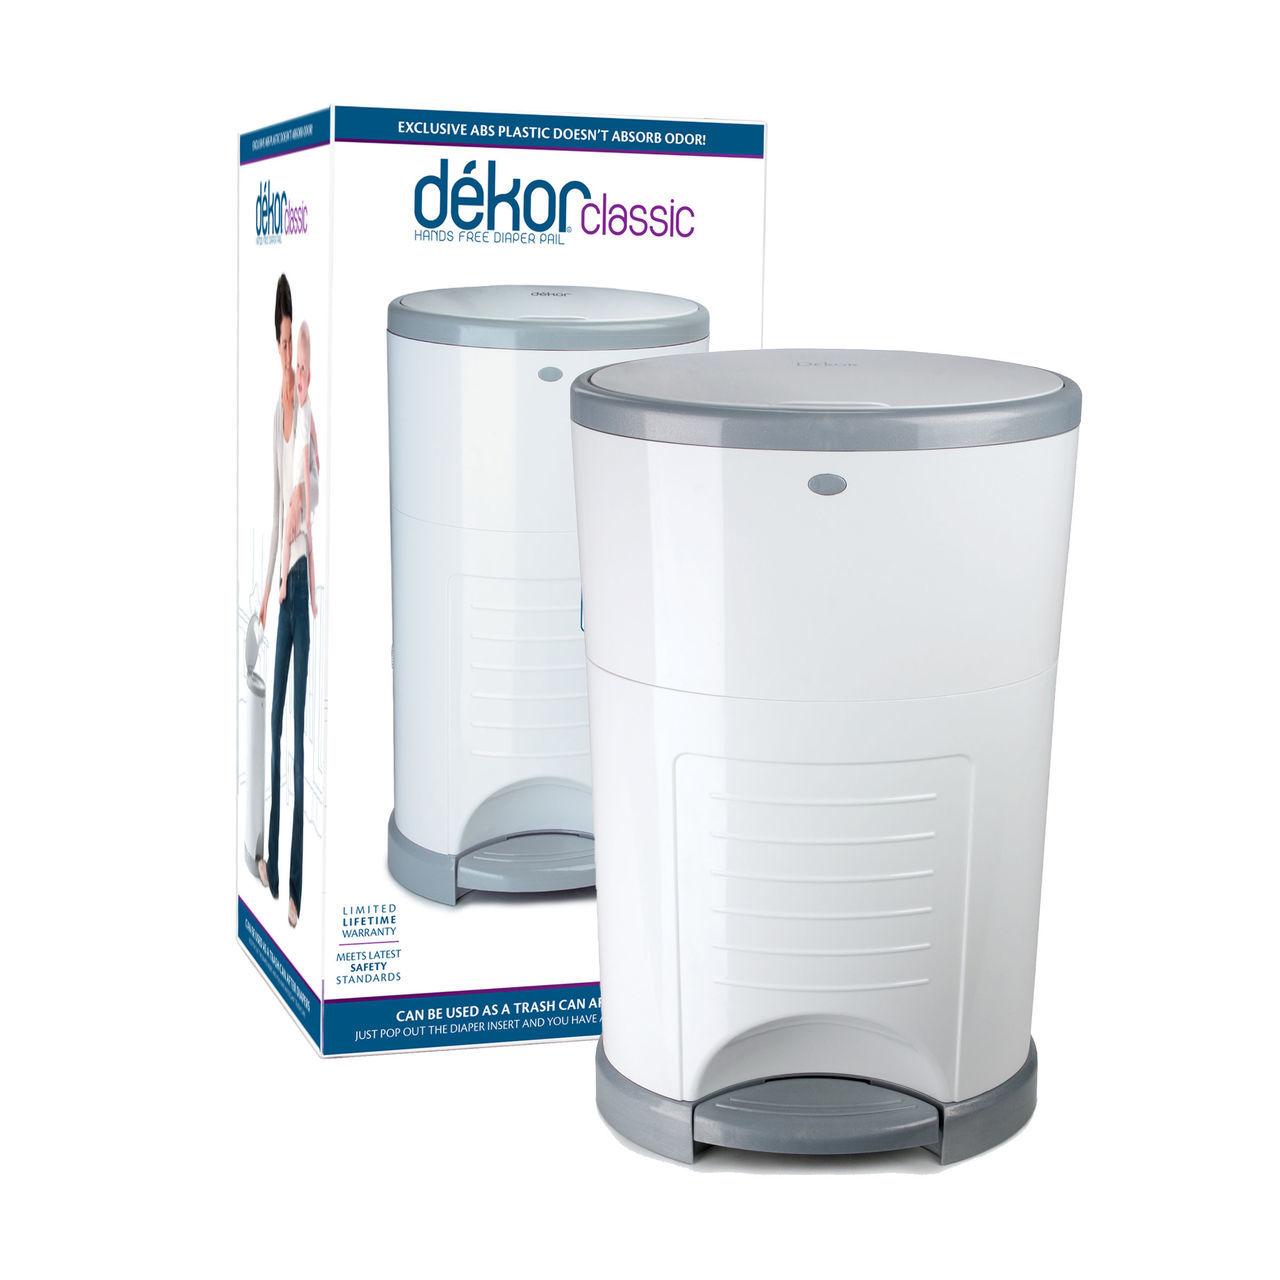 Diaper Dekor Diaper Disposal System